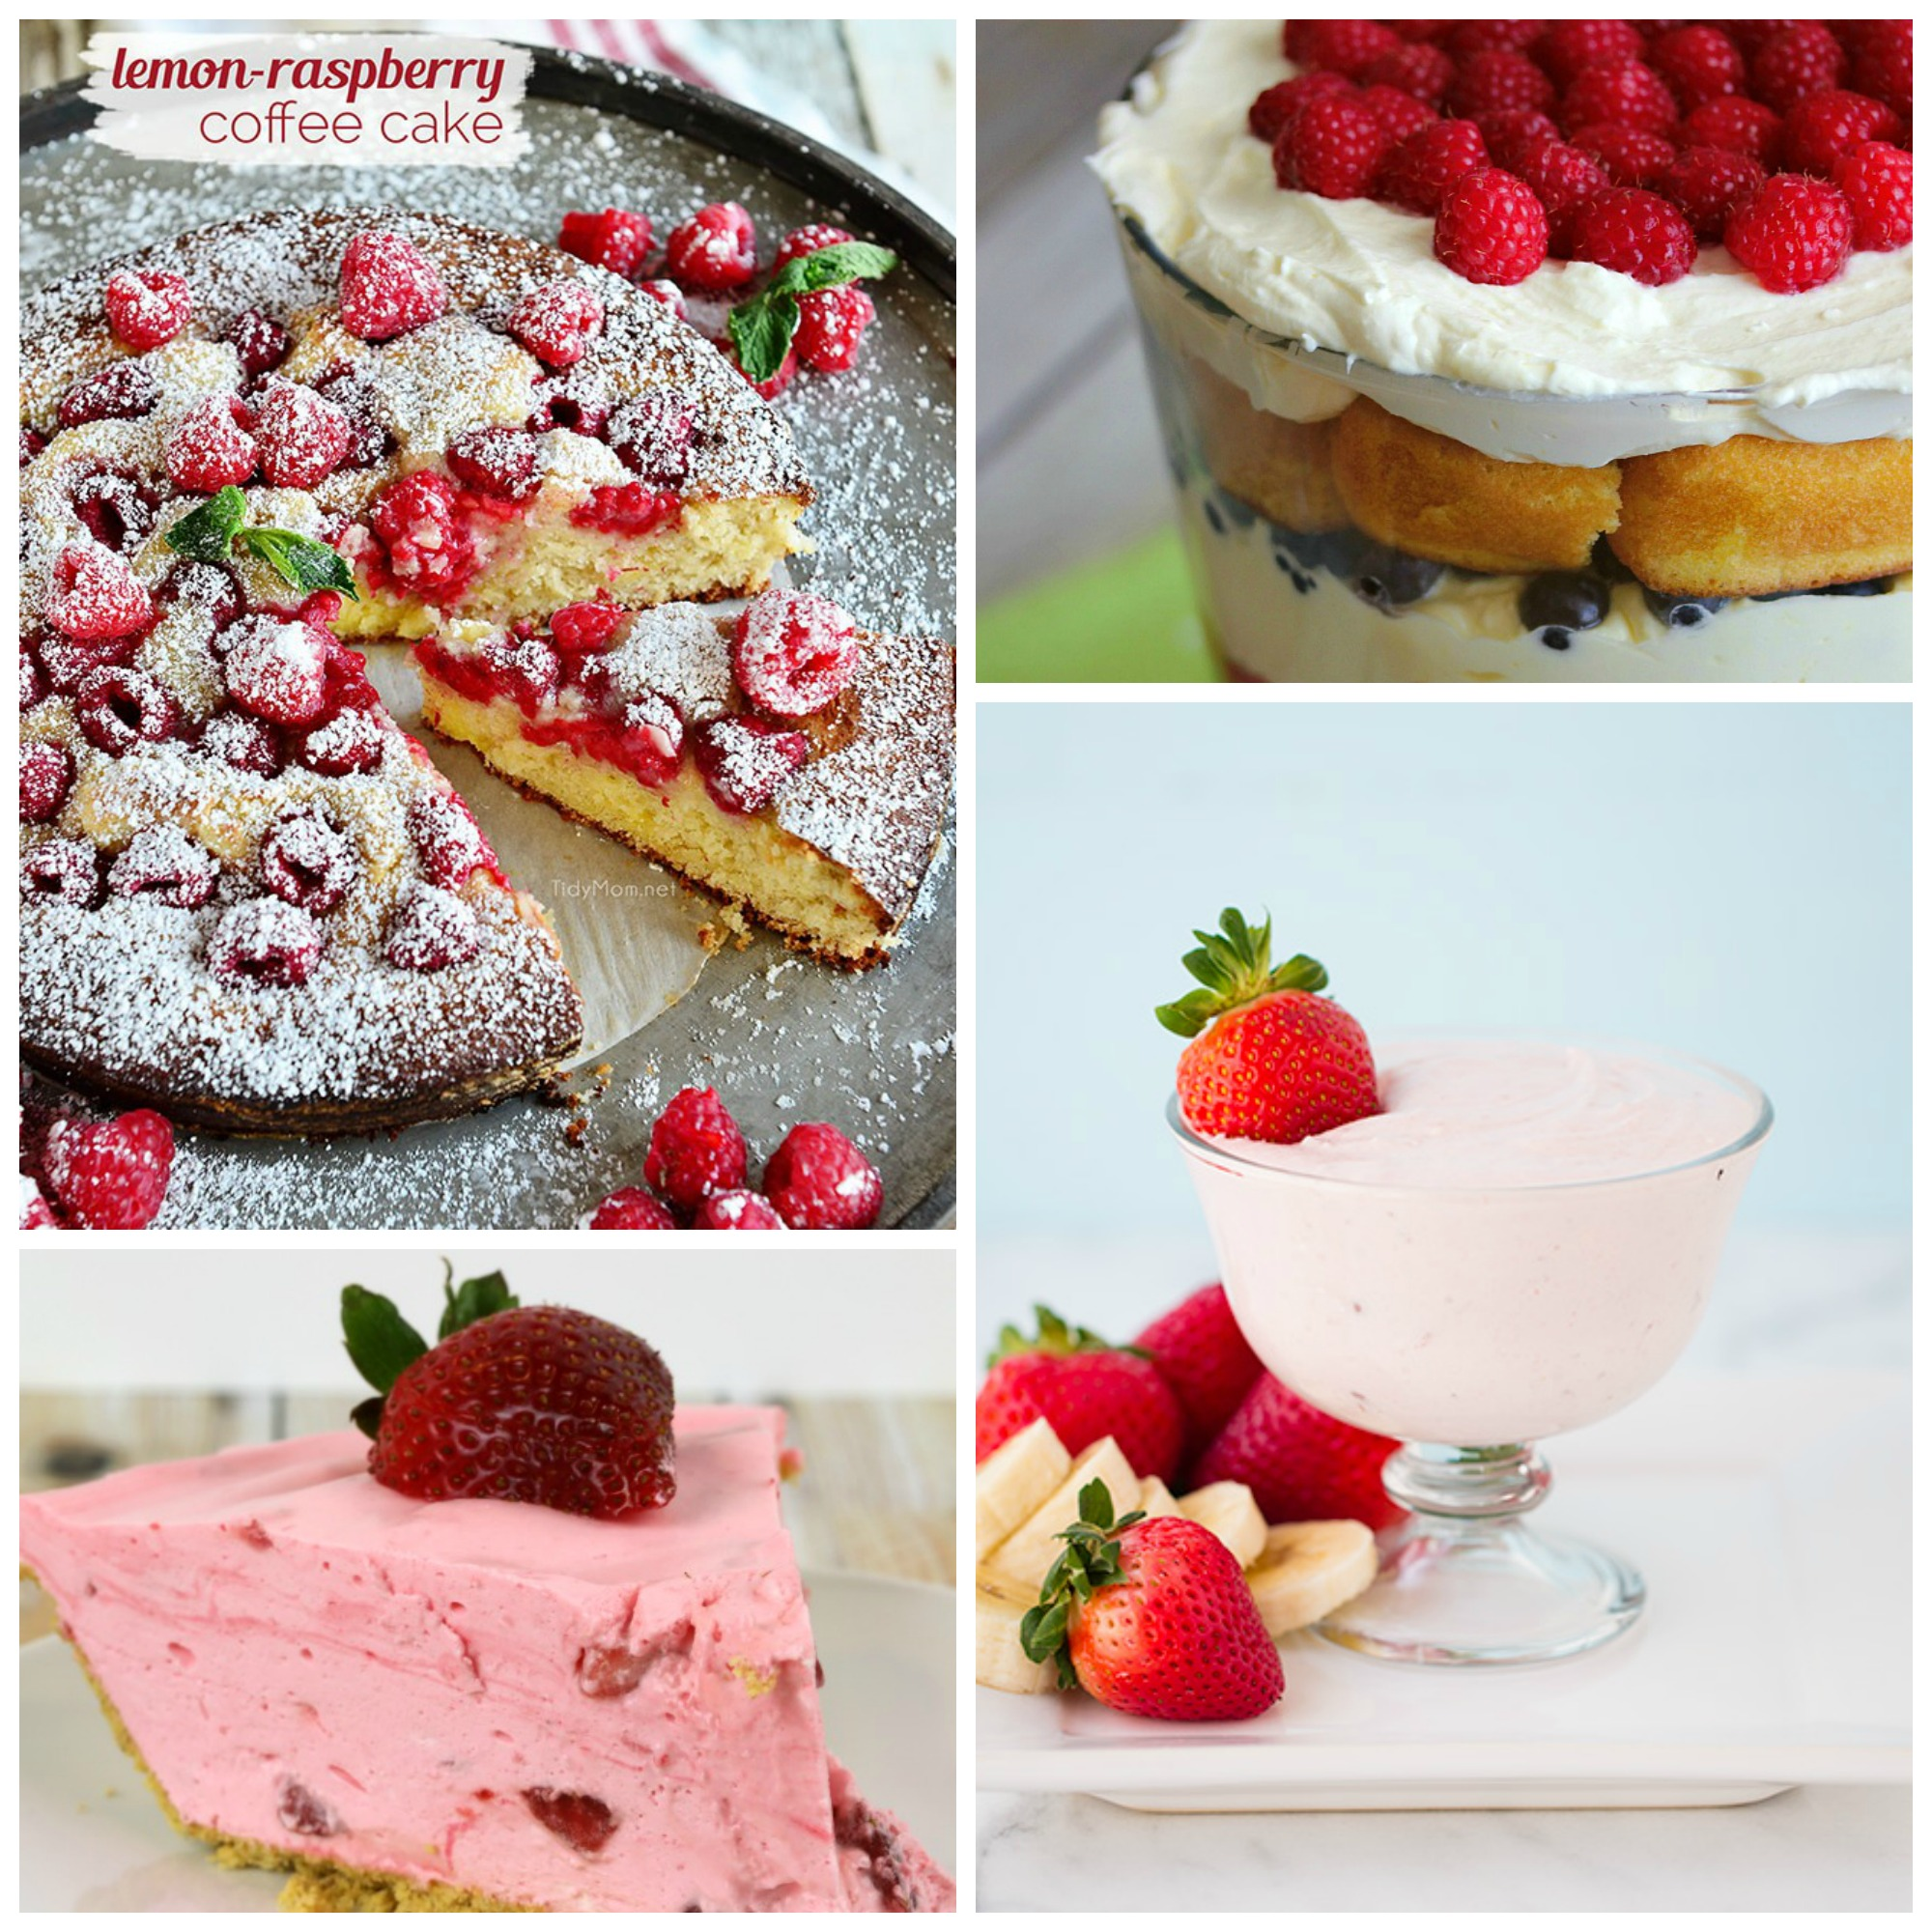 berry dessert collage